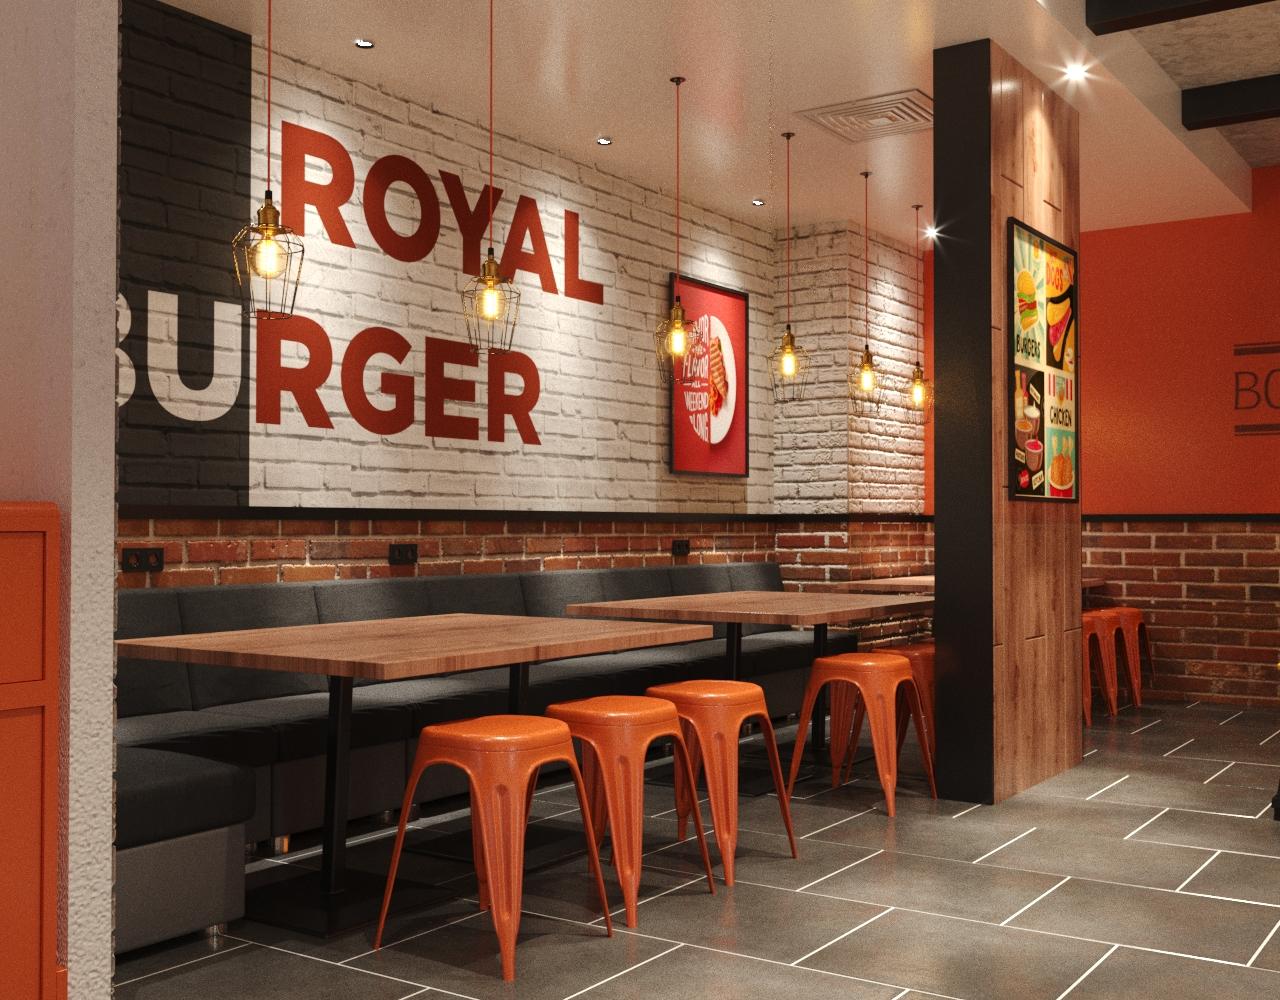 Обновление интерьера кафе  фото f_17559ceab40441a9.jpg